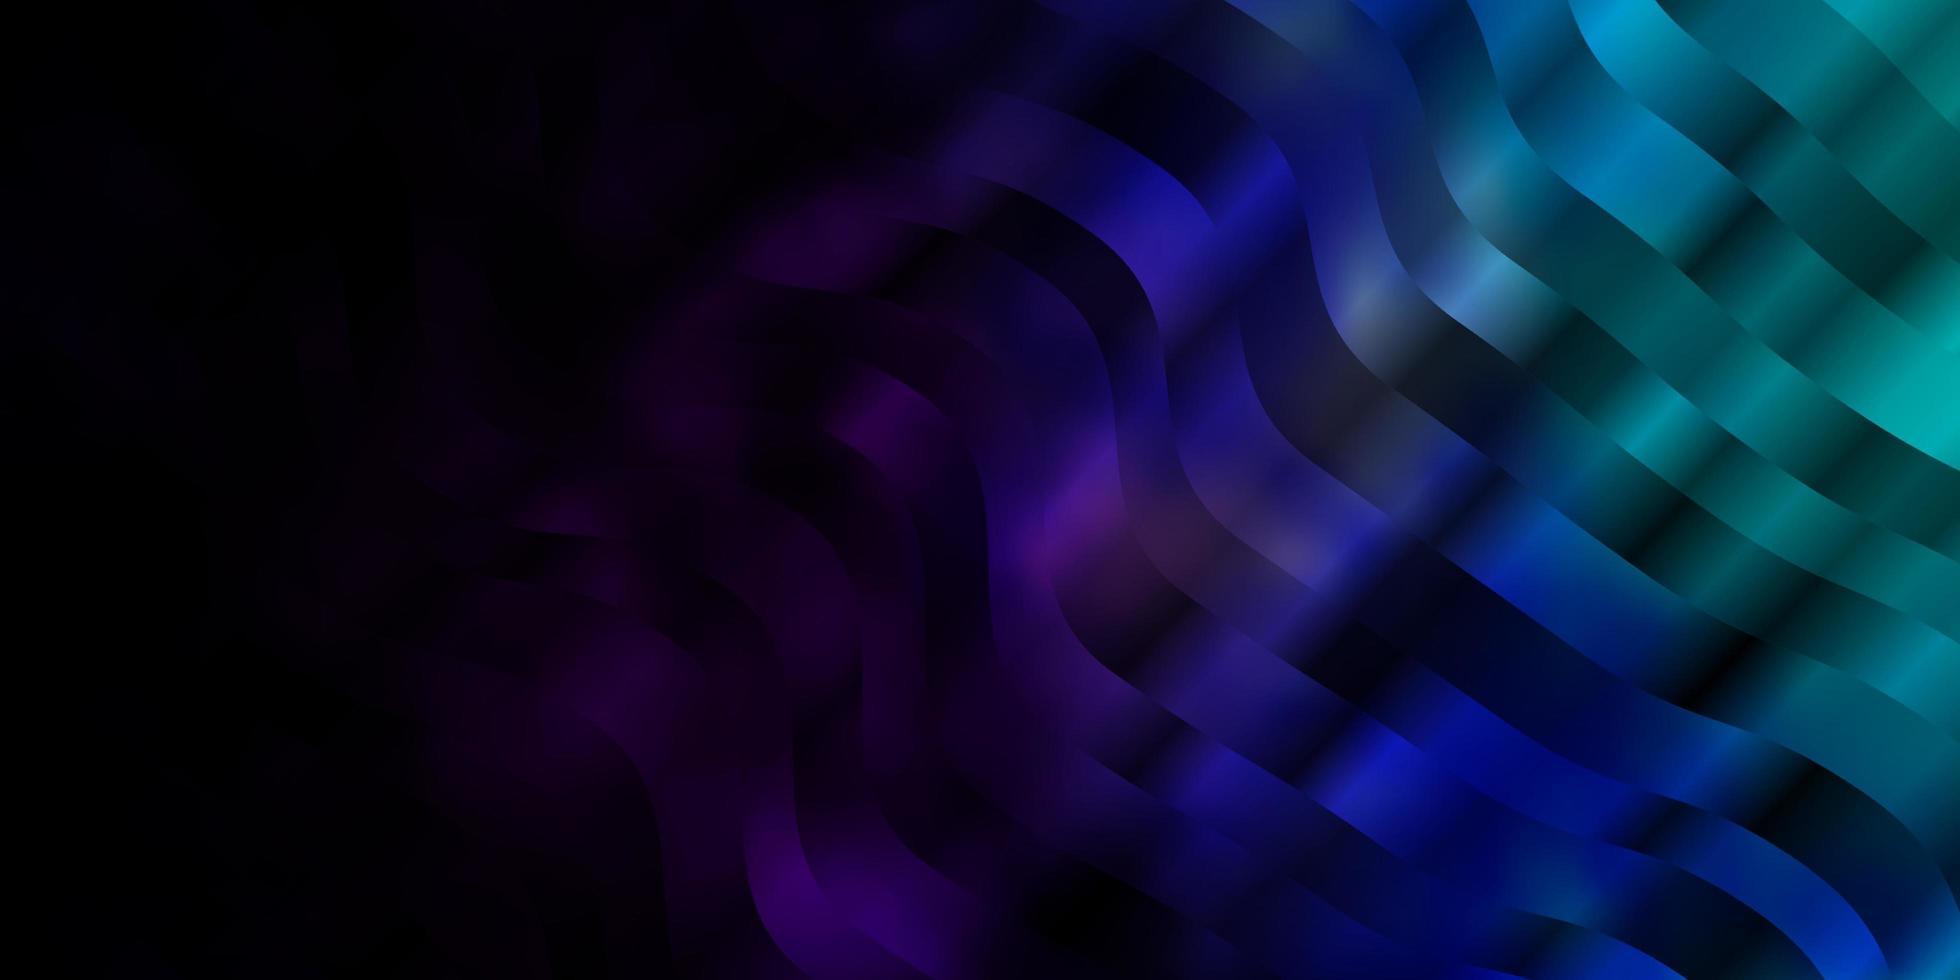 donkerroze, blauwe vectorachtergrond met gebogen lijnen. vector